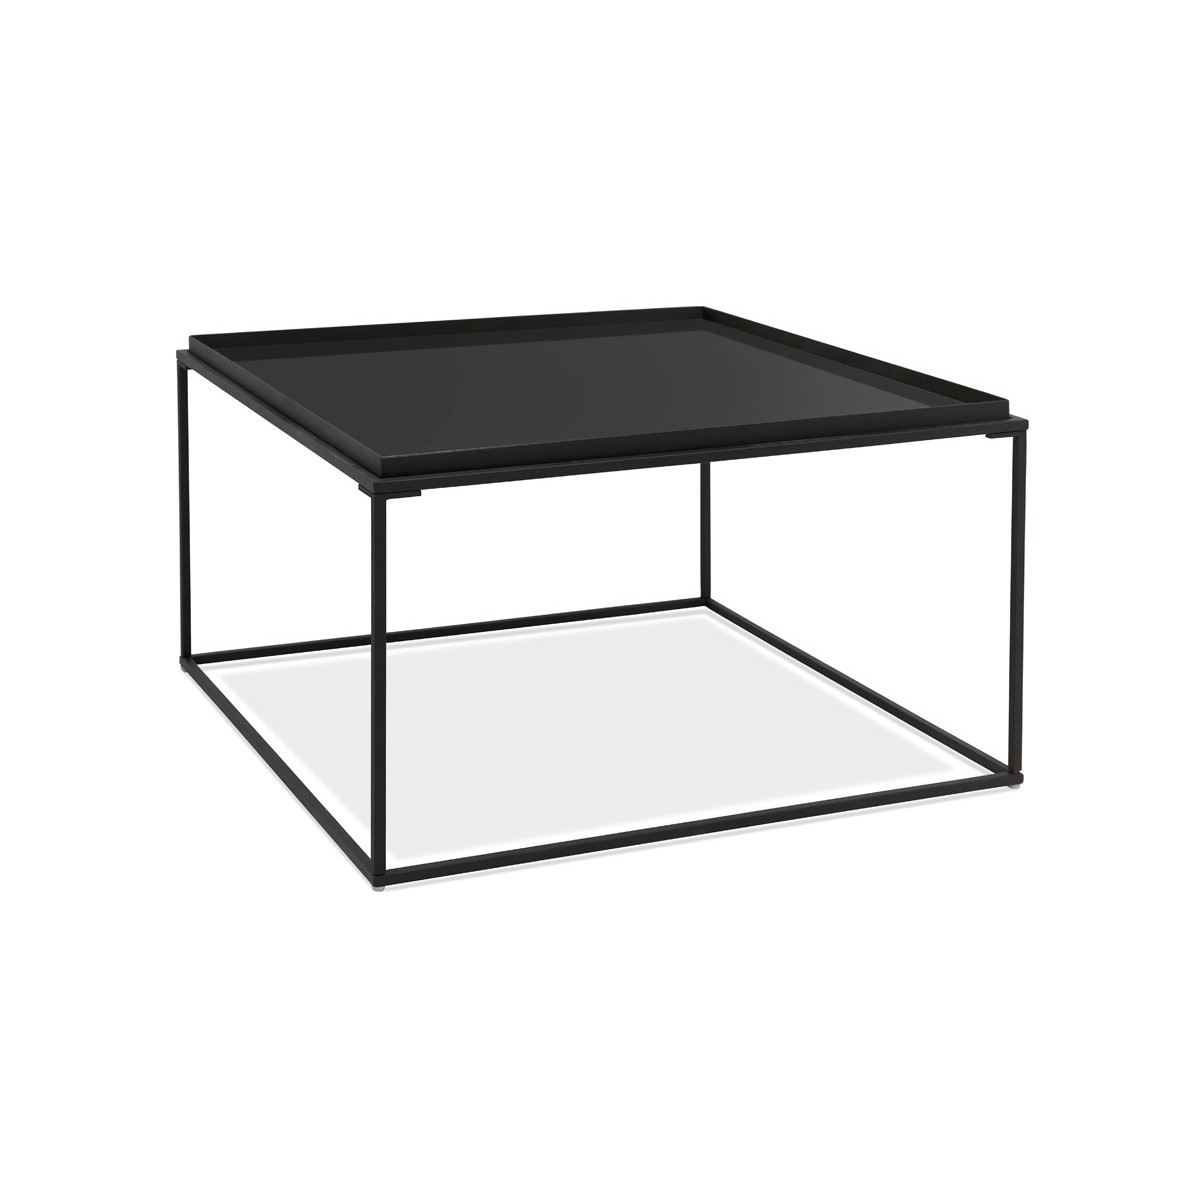 table basse design noire en verre